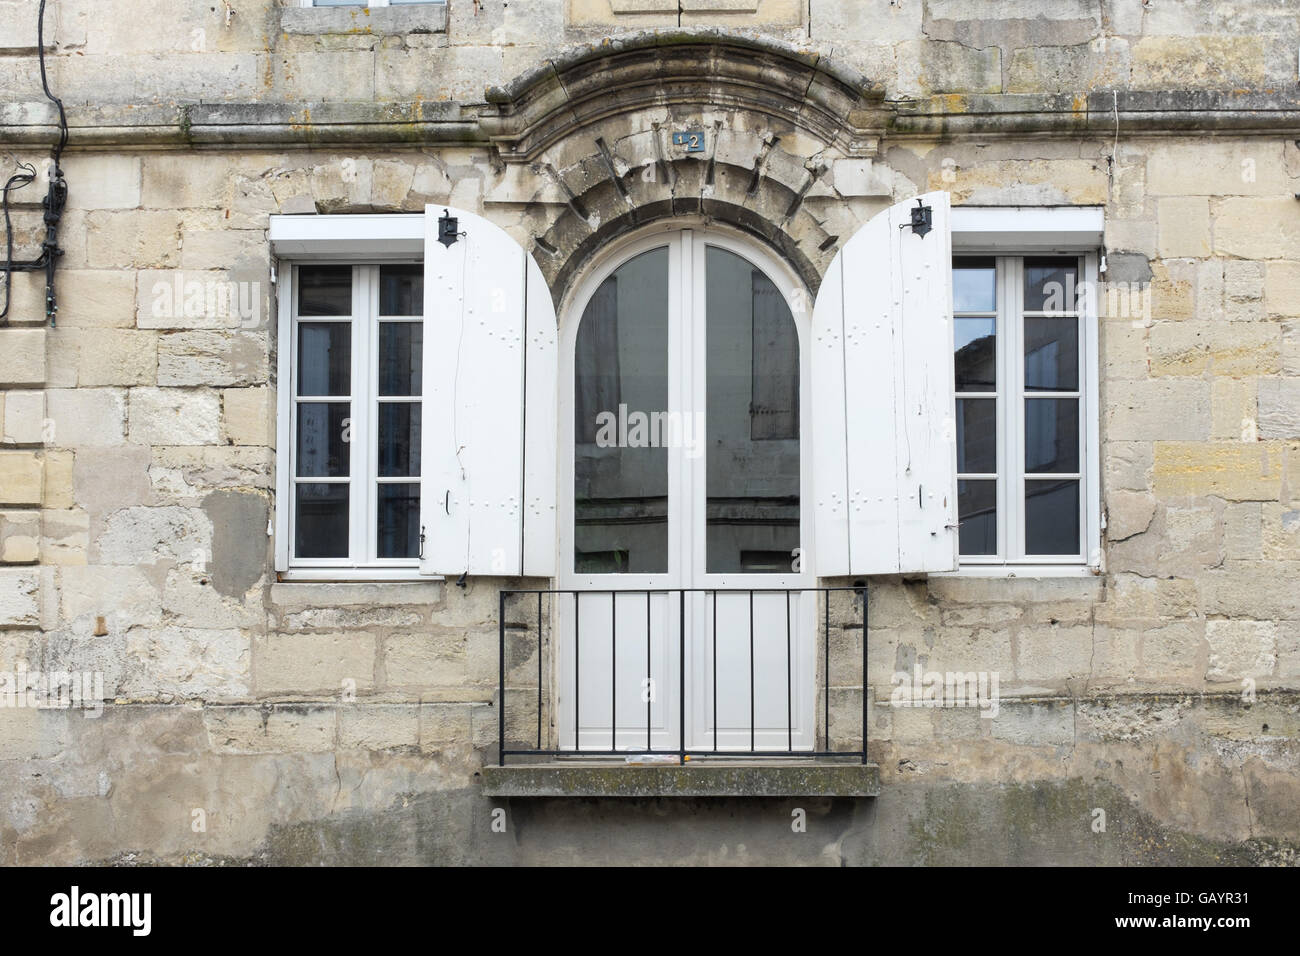 Französische Fenster französische fenster mit hölzernen fensterläden öffnen und einen